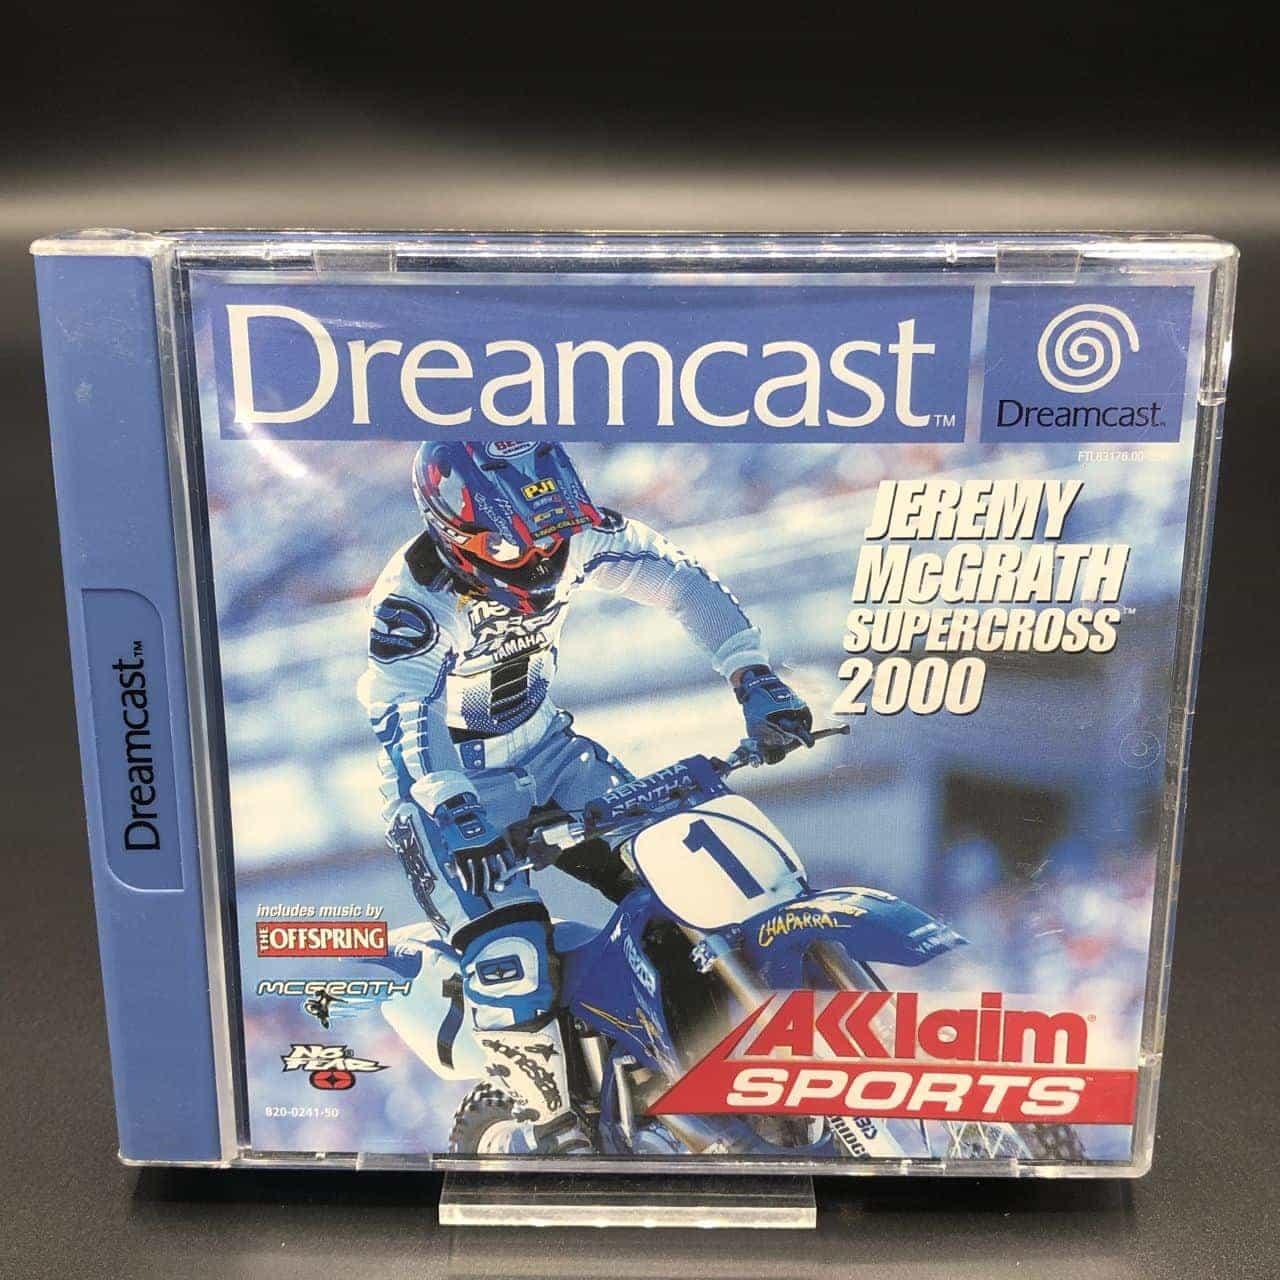 Jeremy McGrath Supercross 2000 (Komplett) (Gut) Sega Dreamcast